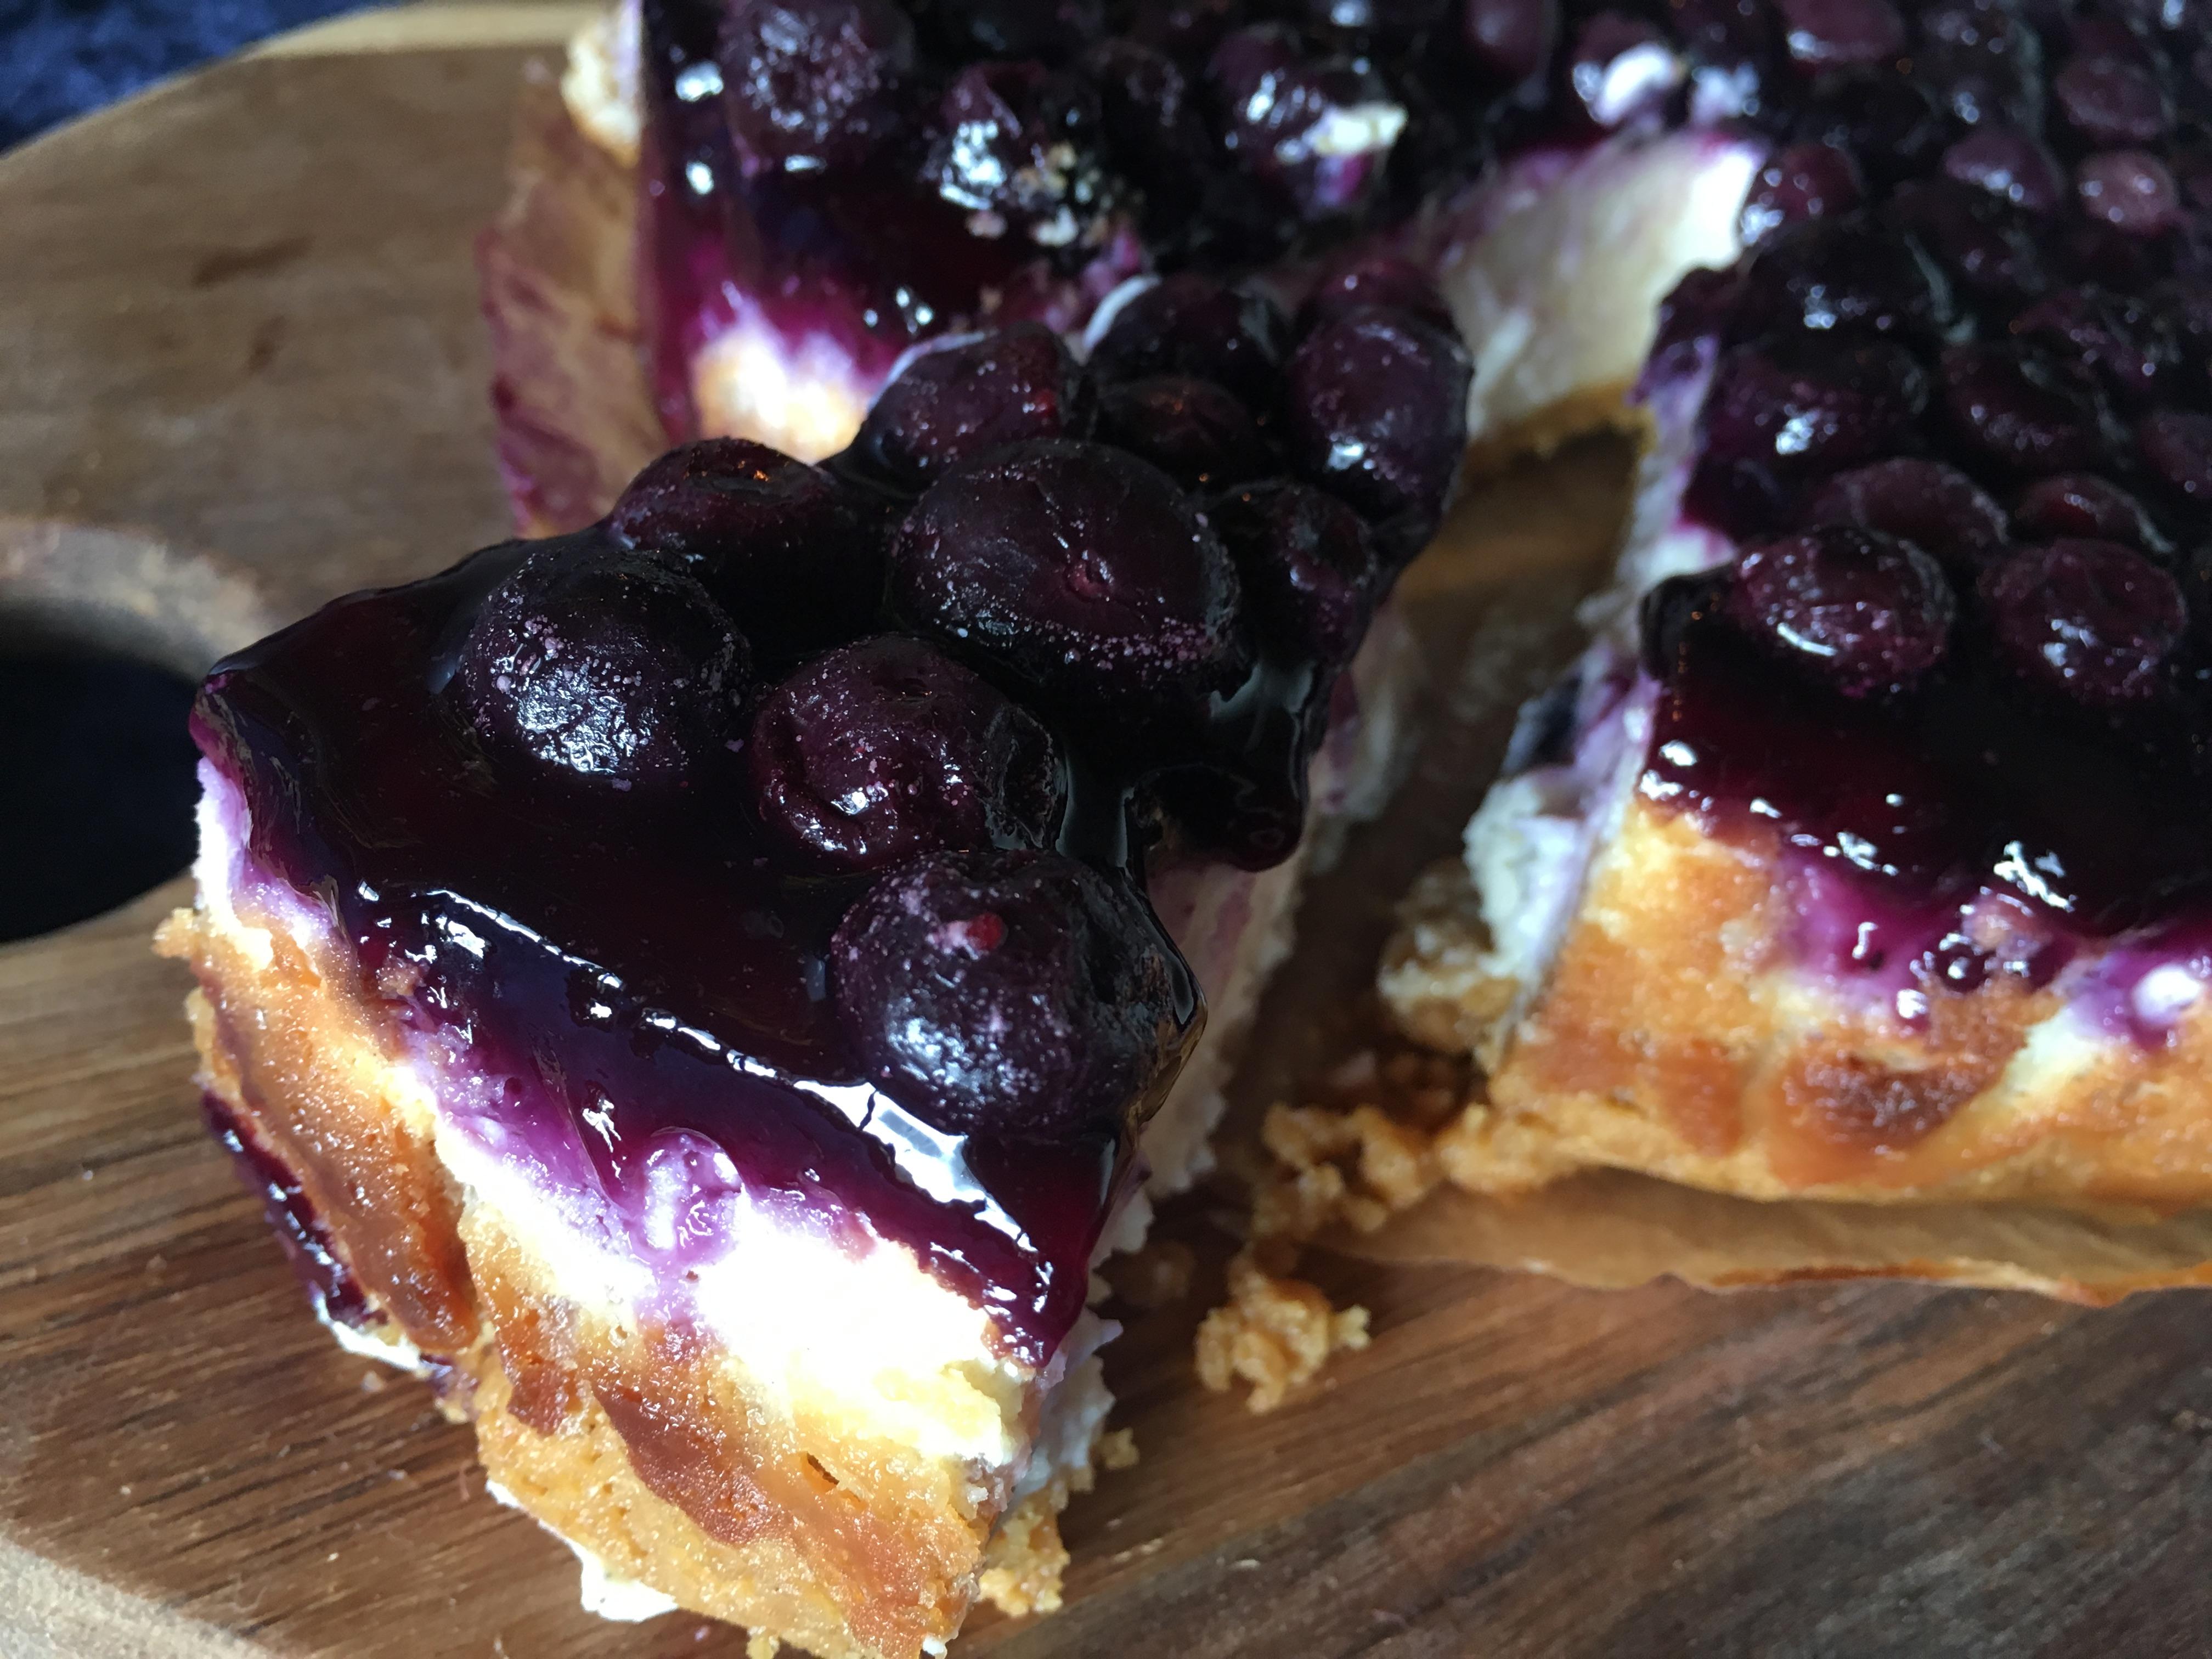 Blåbær cheesecake – gluten- og laktosefri